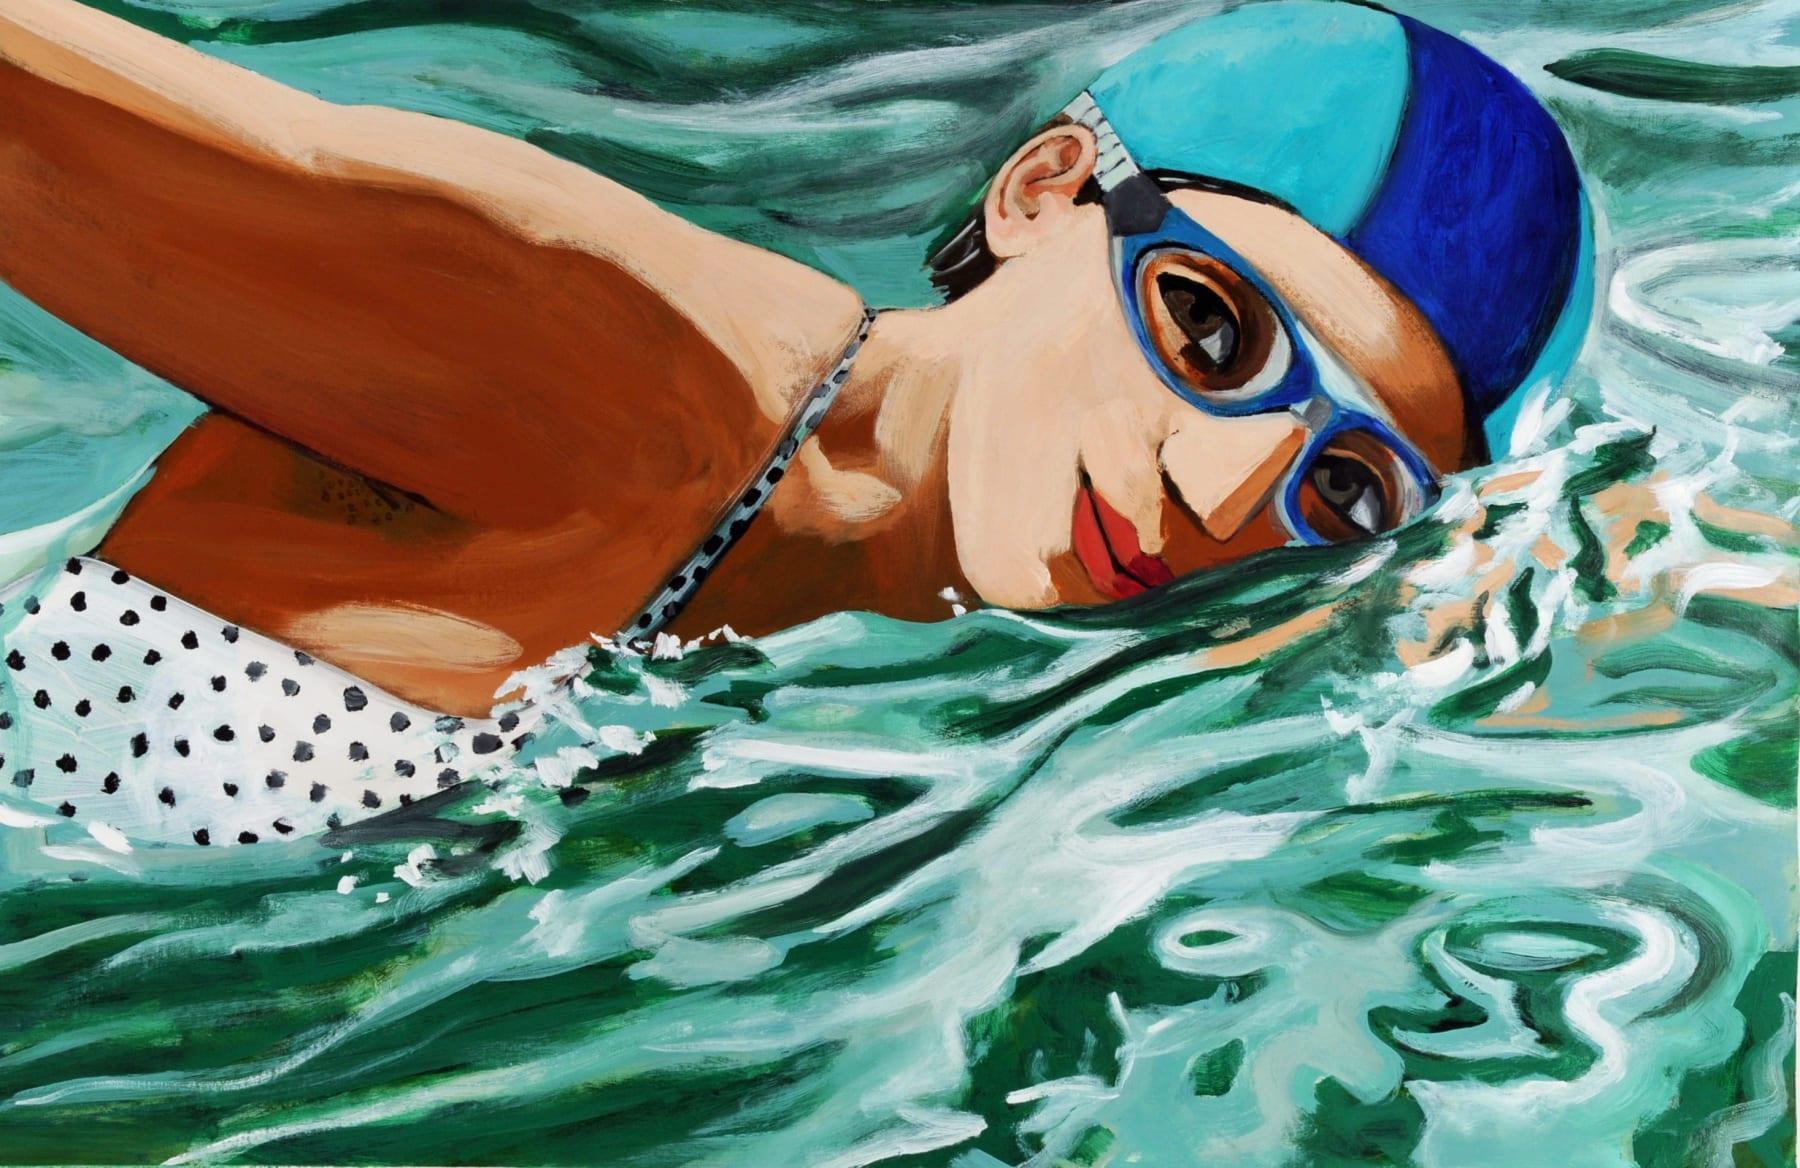 Anita Klein, Swimming in Sunshine, 2020